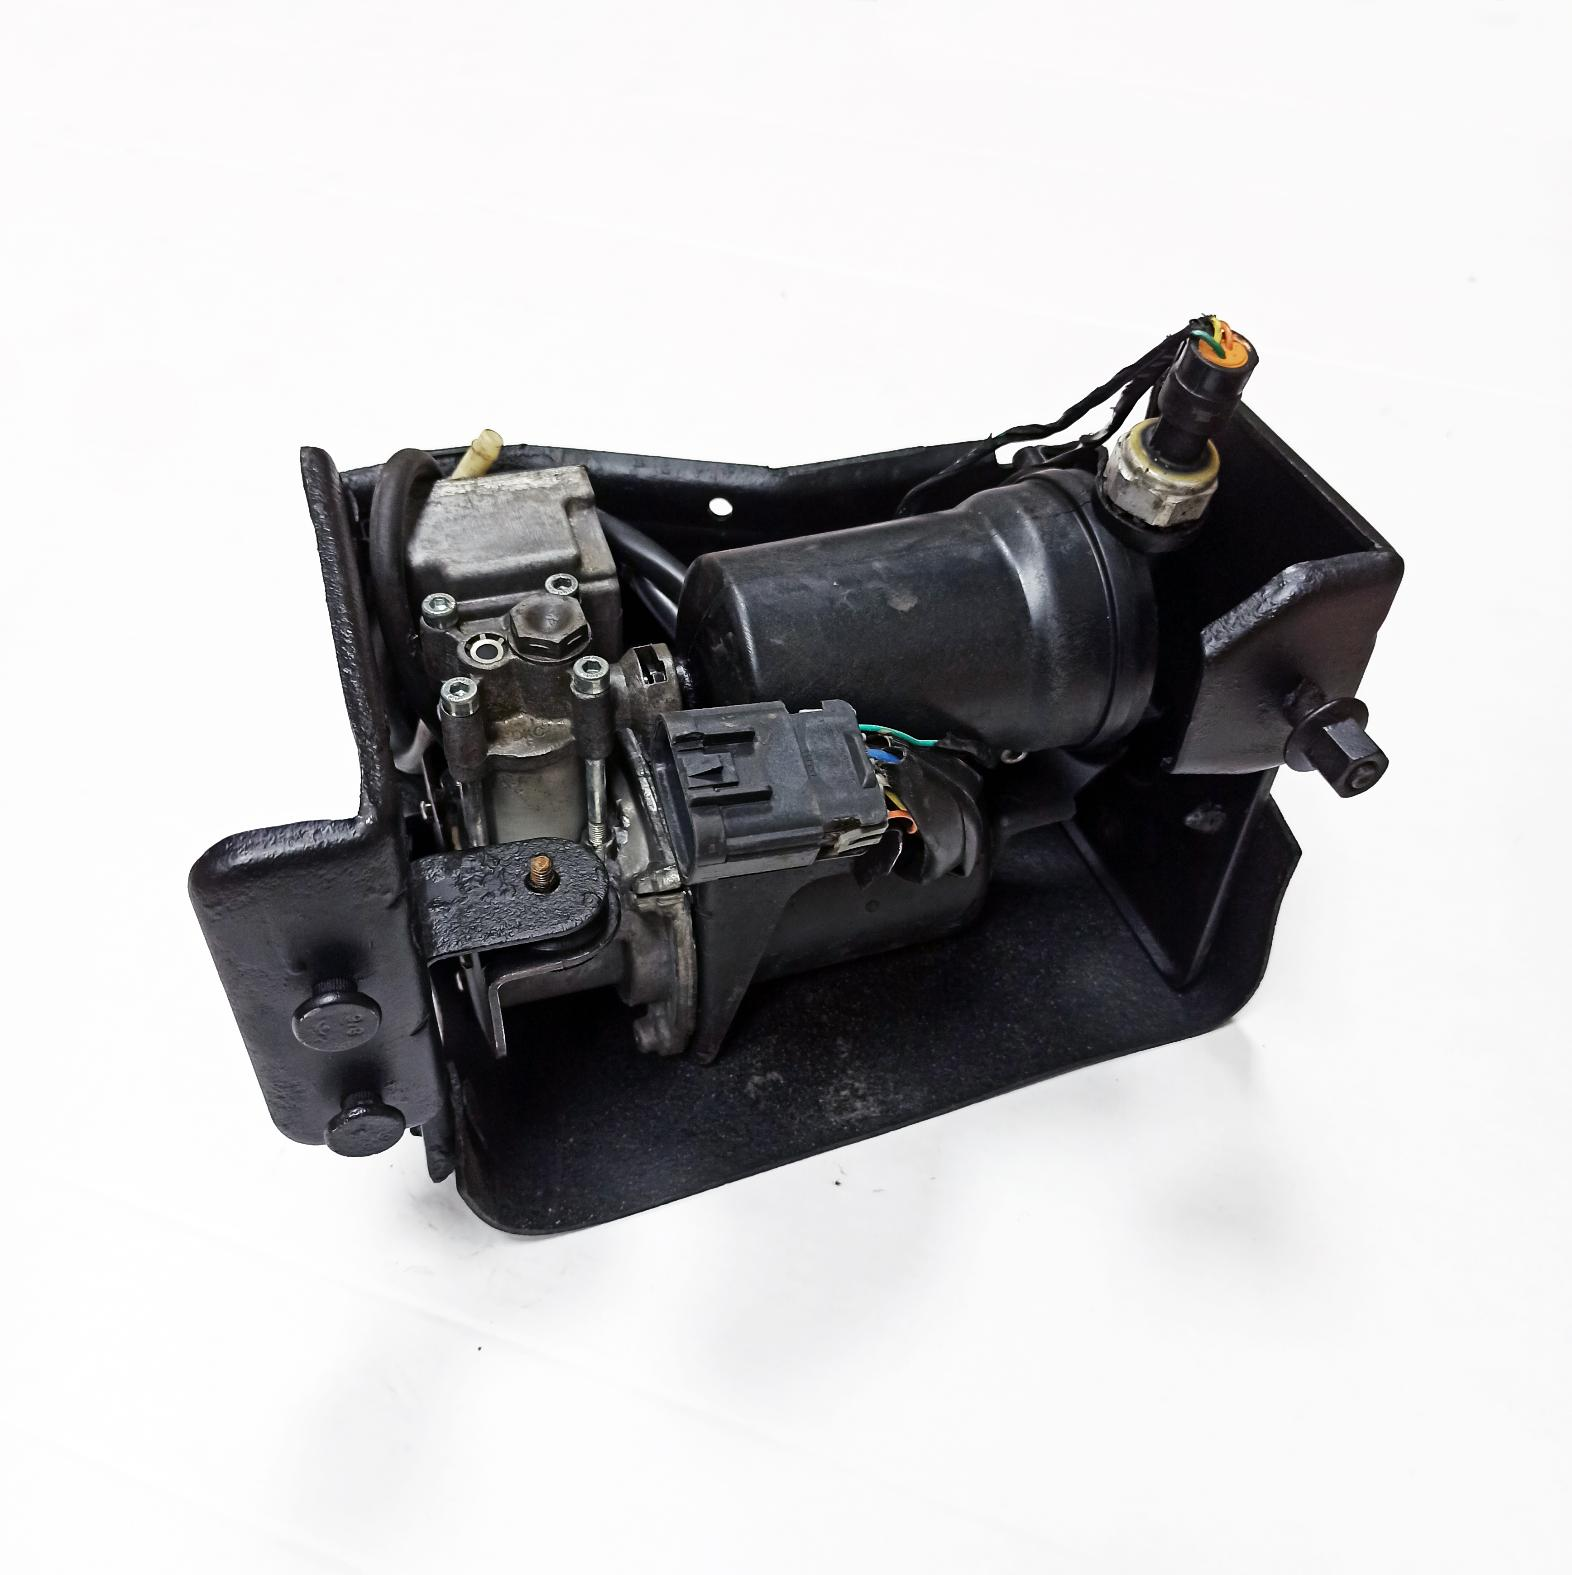 картинка Оригинальный восстановленный компрессор пневмоподвески General Motors для Cadillac Escalade и Chevrolet Tahoe (15254590, 20930288, 22941806) от магазина пневмоподвески ПневмоМаркет